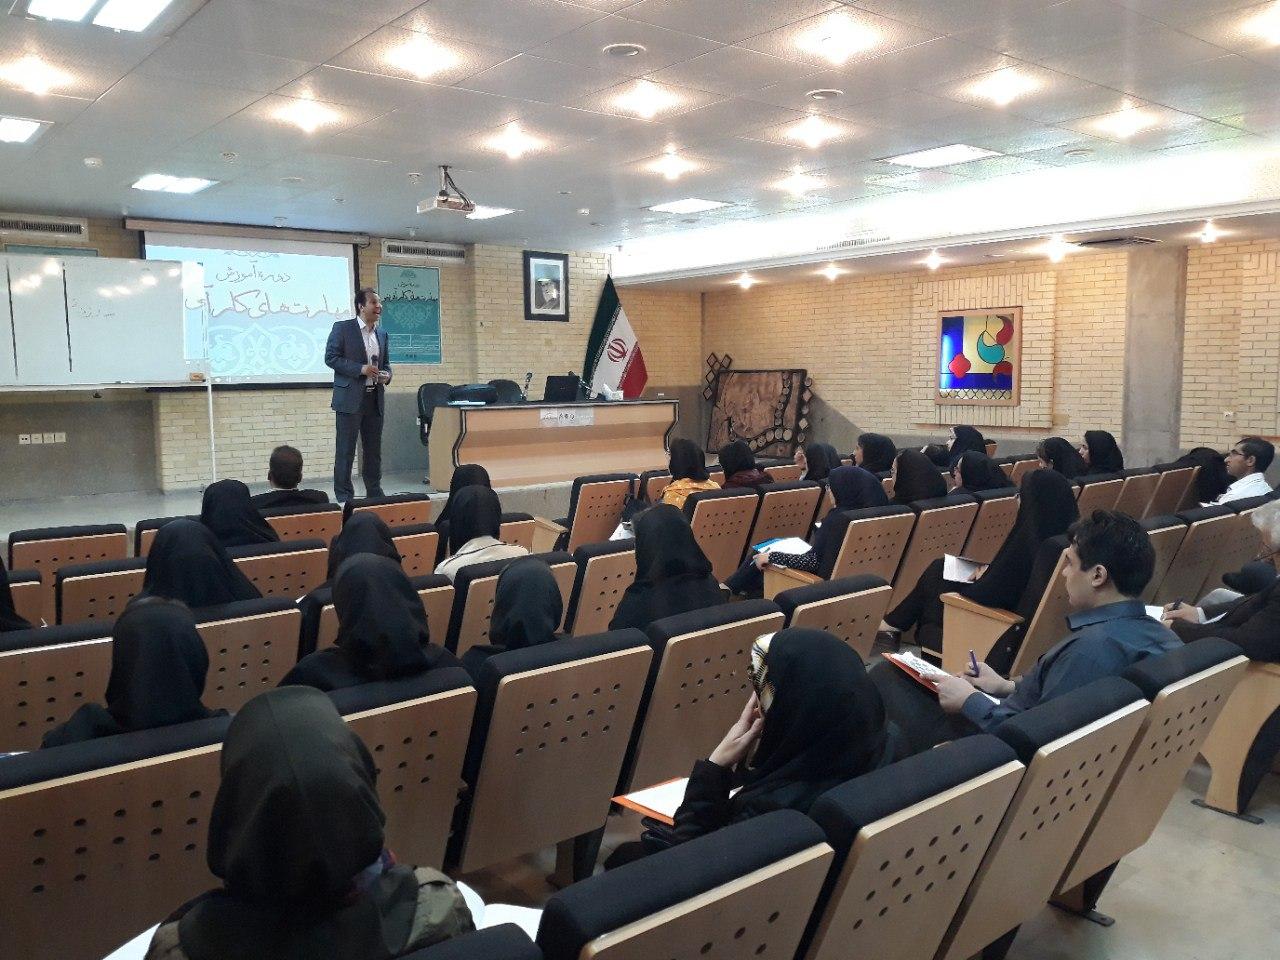 آموزش مهارت های کارآفرینی فرش در تبریز